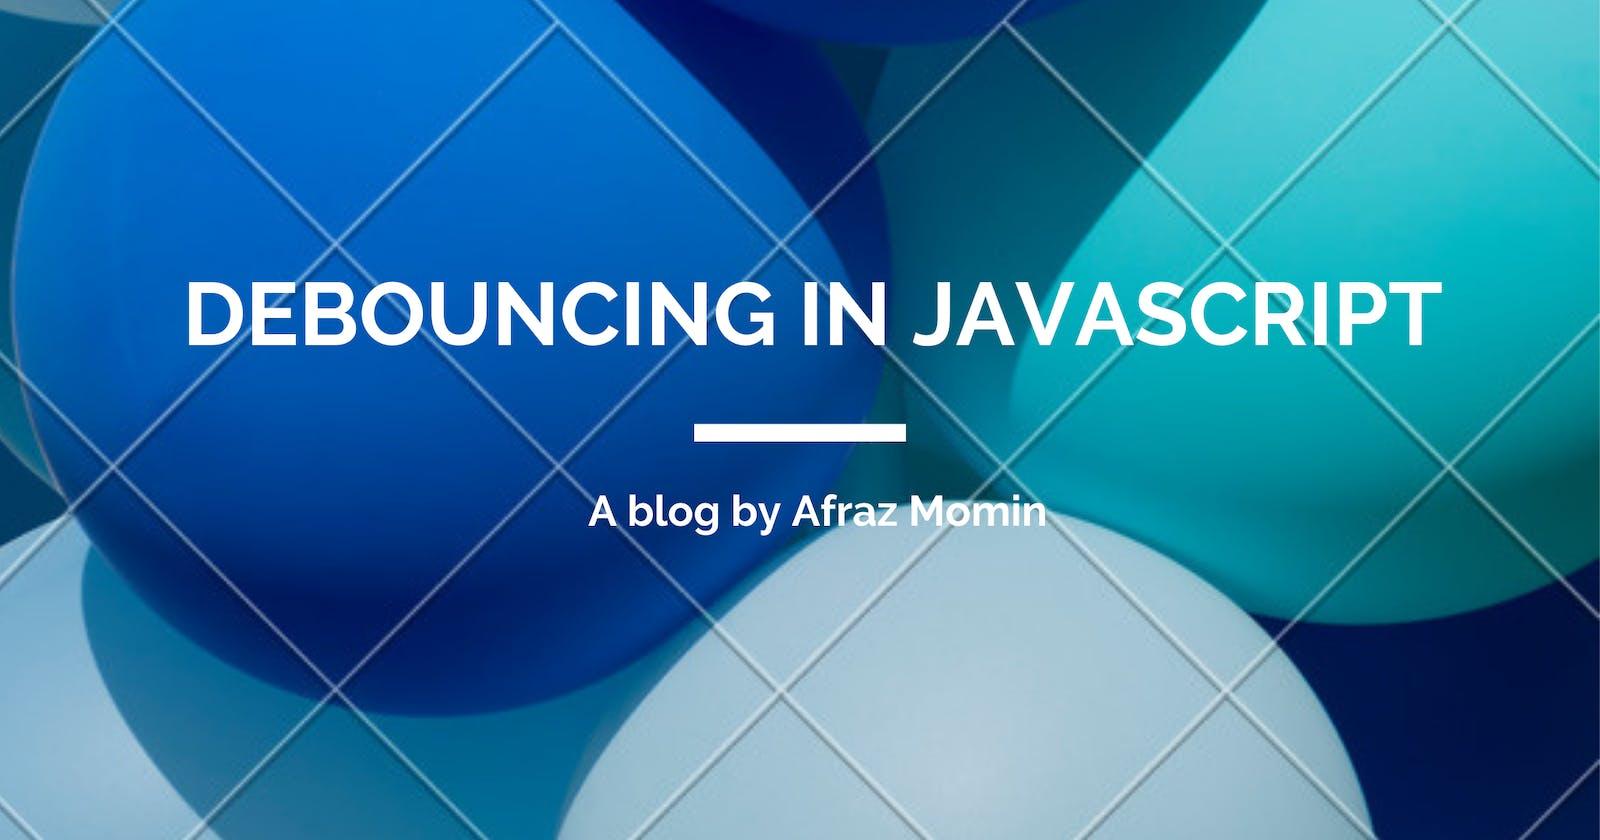 Debouncing in JavaScript